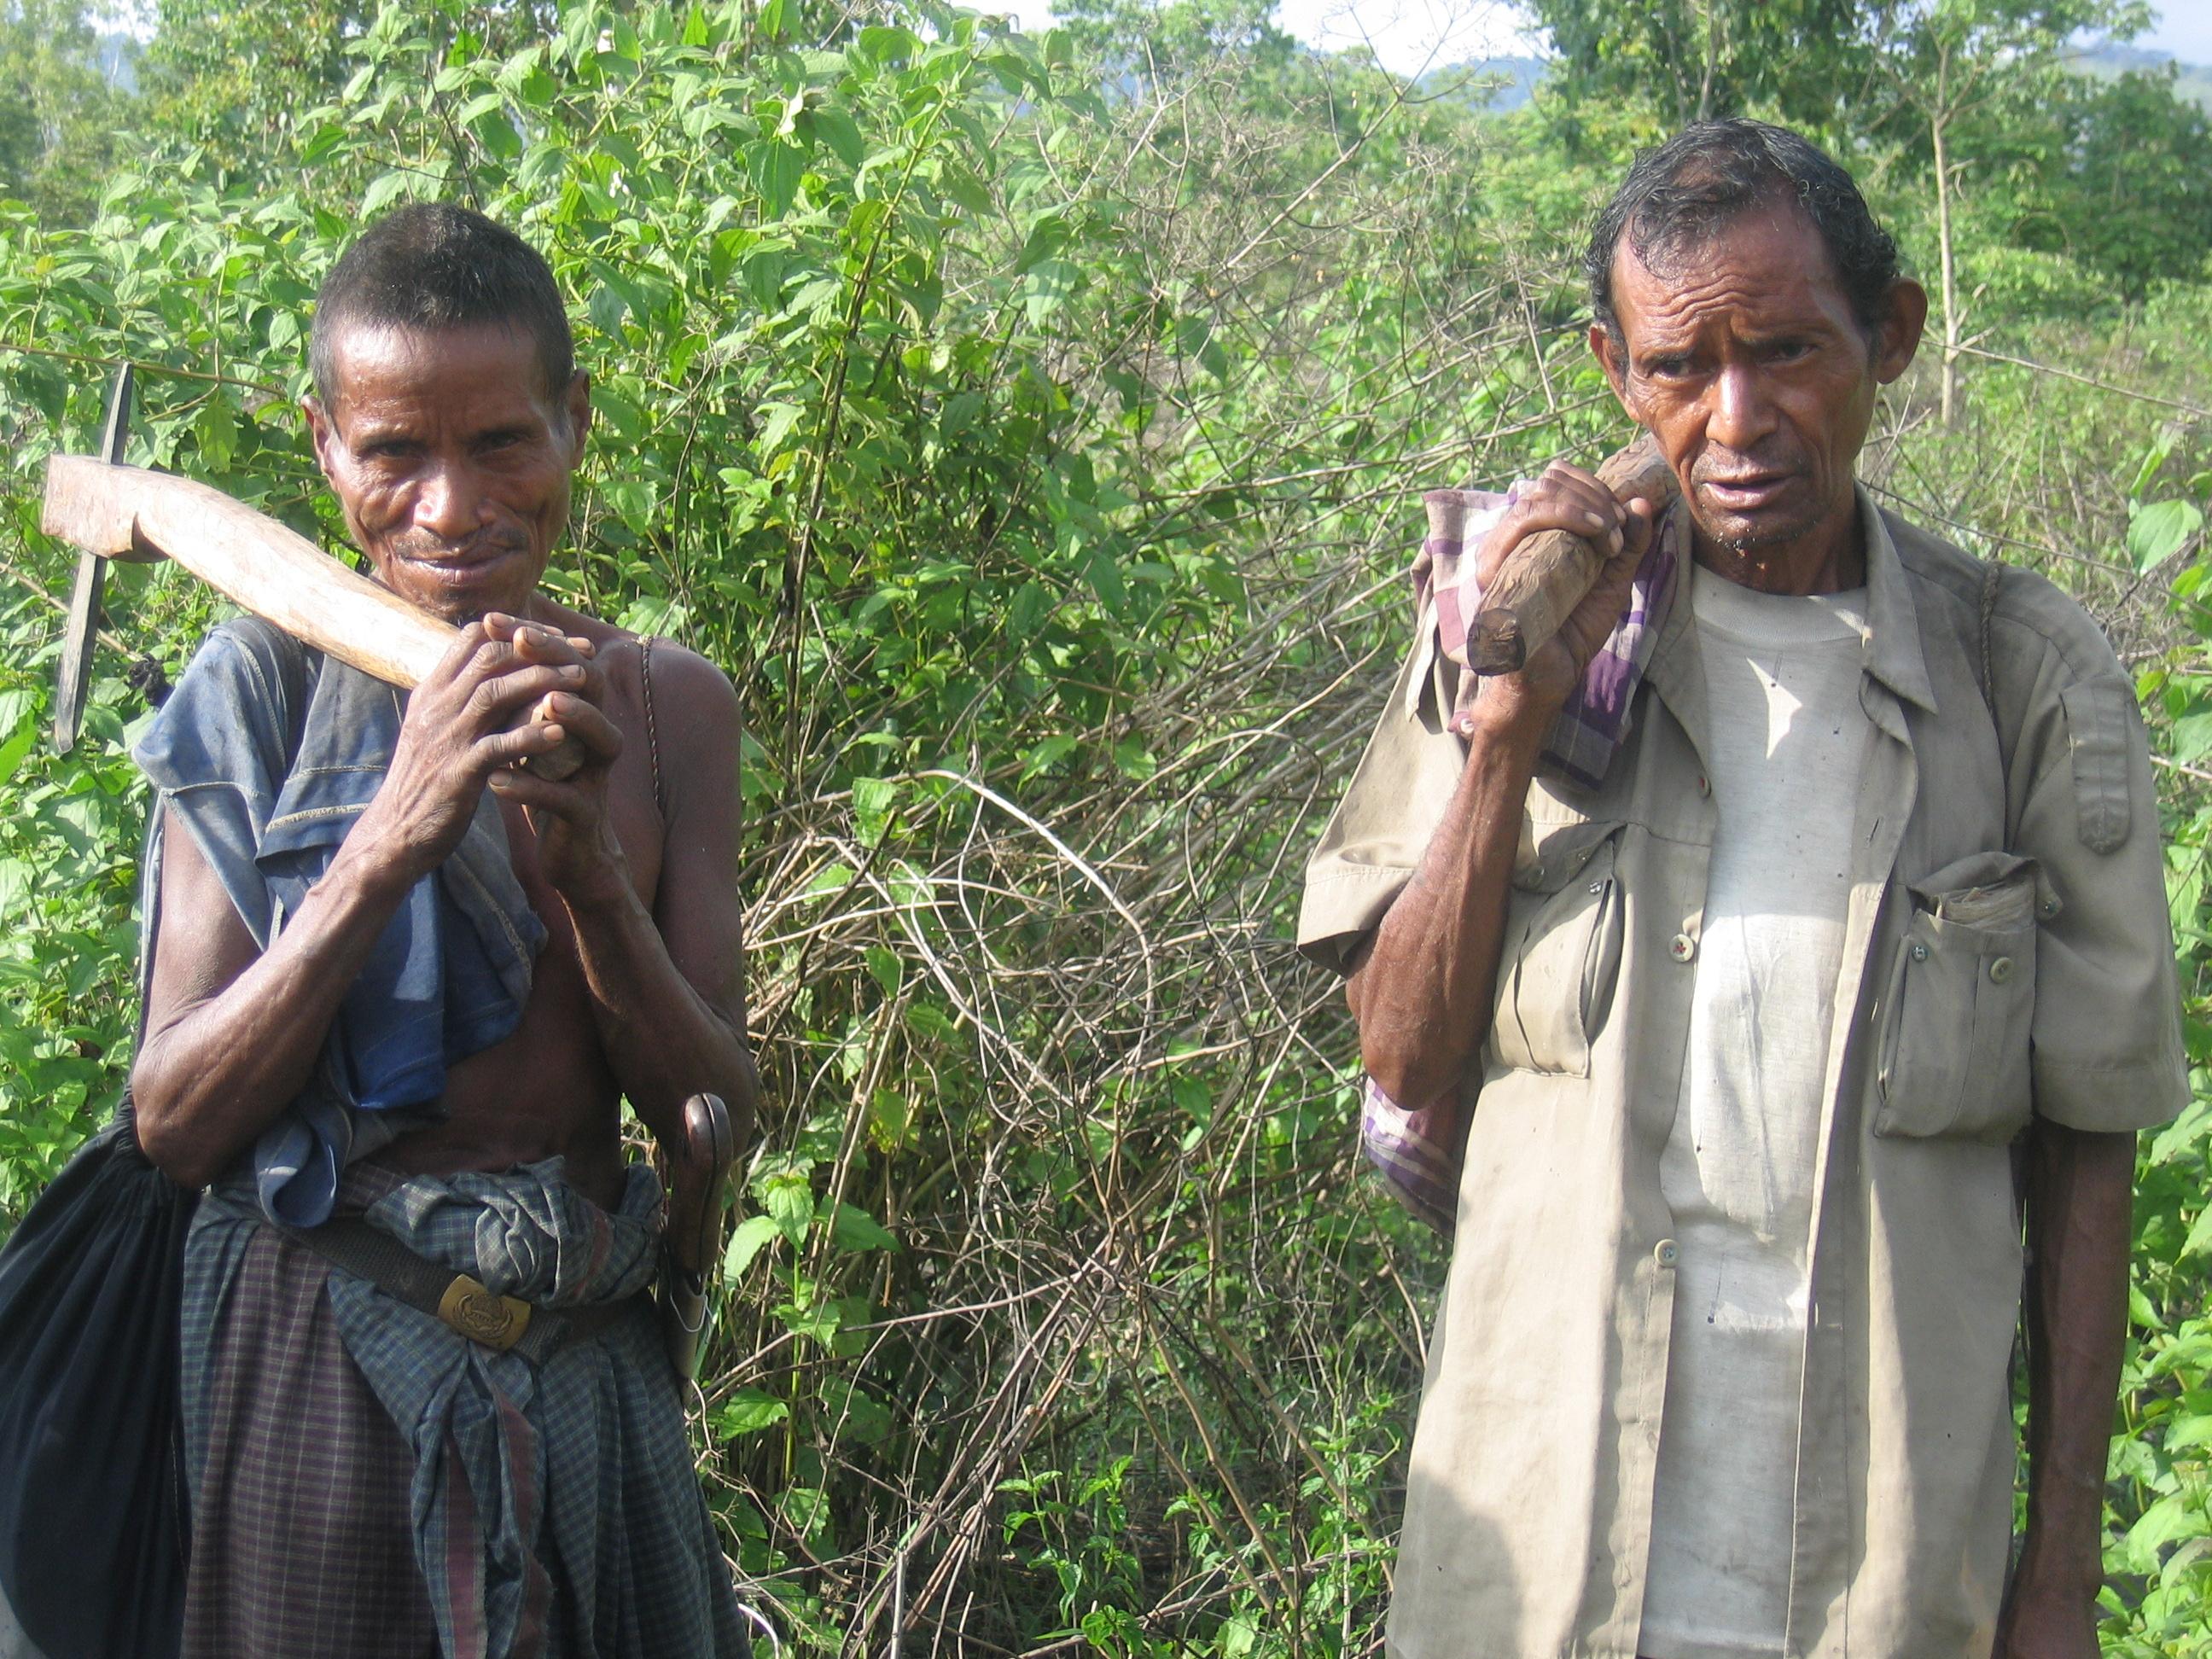 East_Timor_Vijay_IMG_0180.JPG